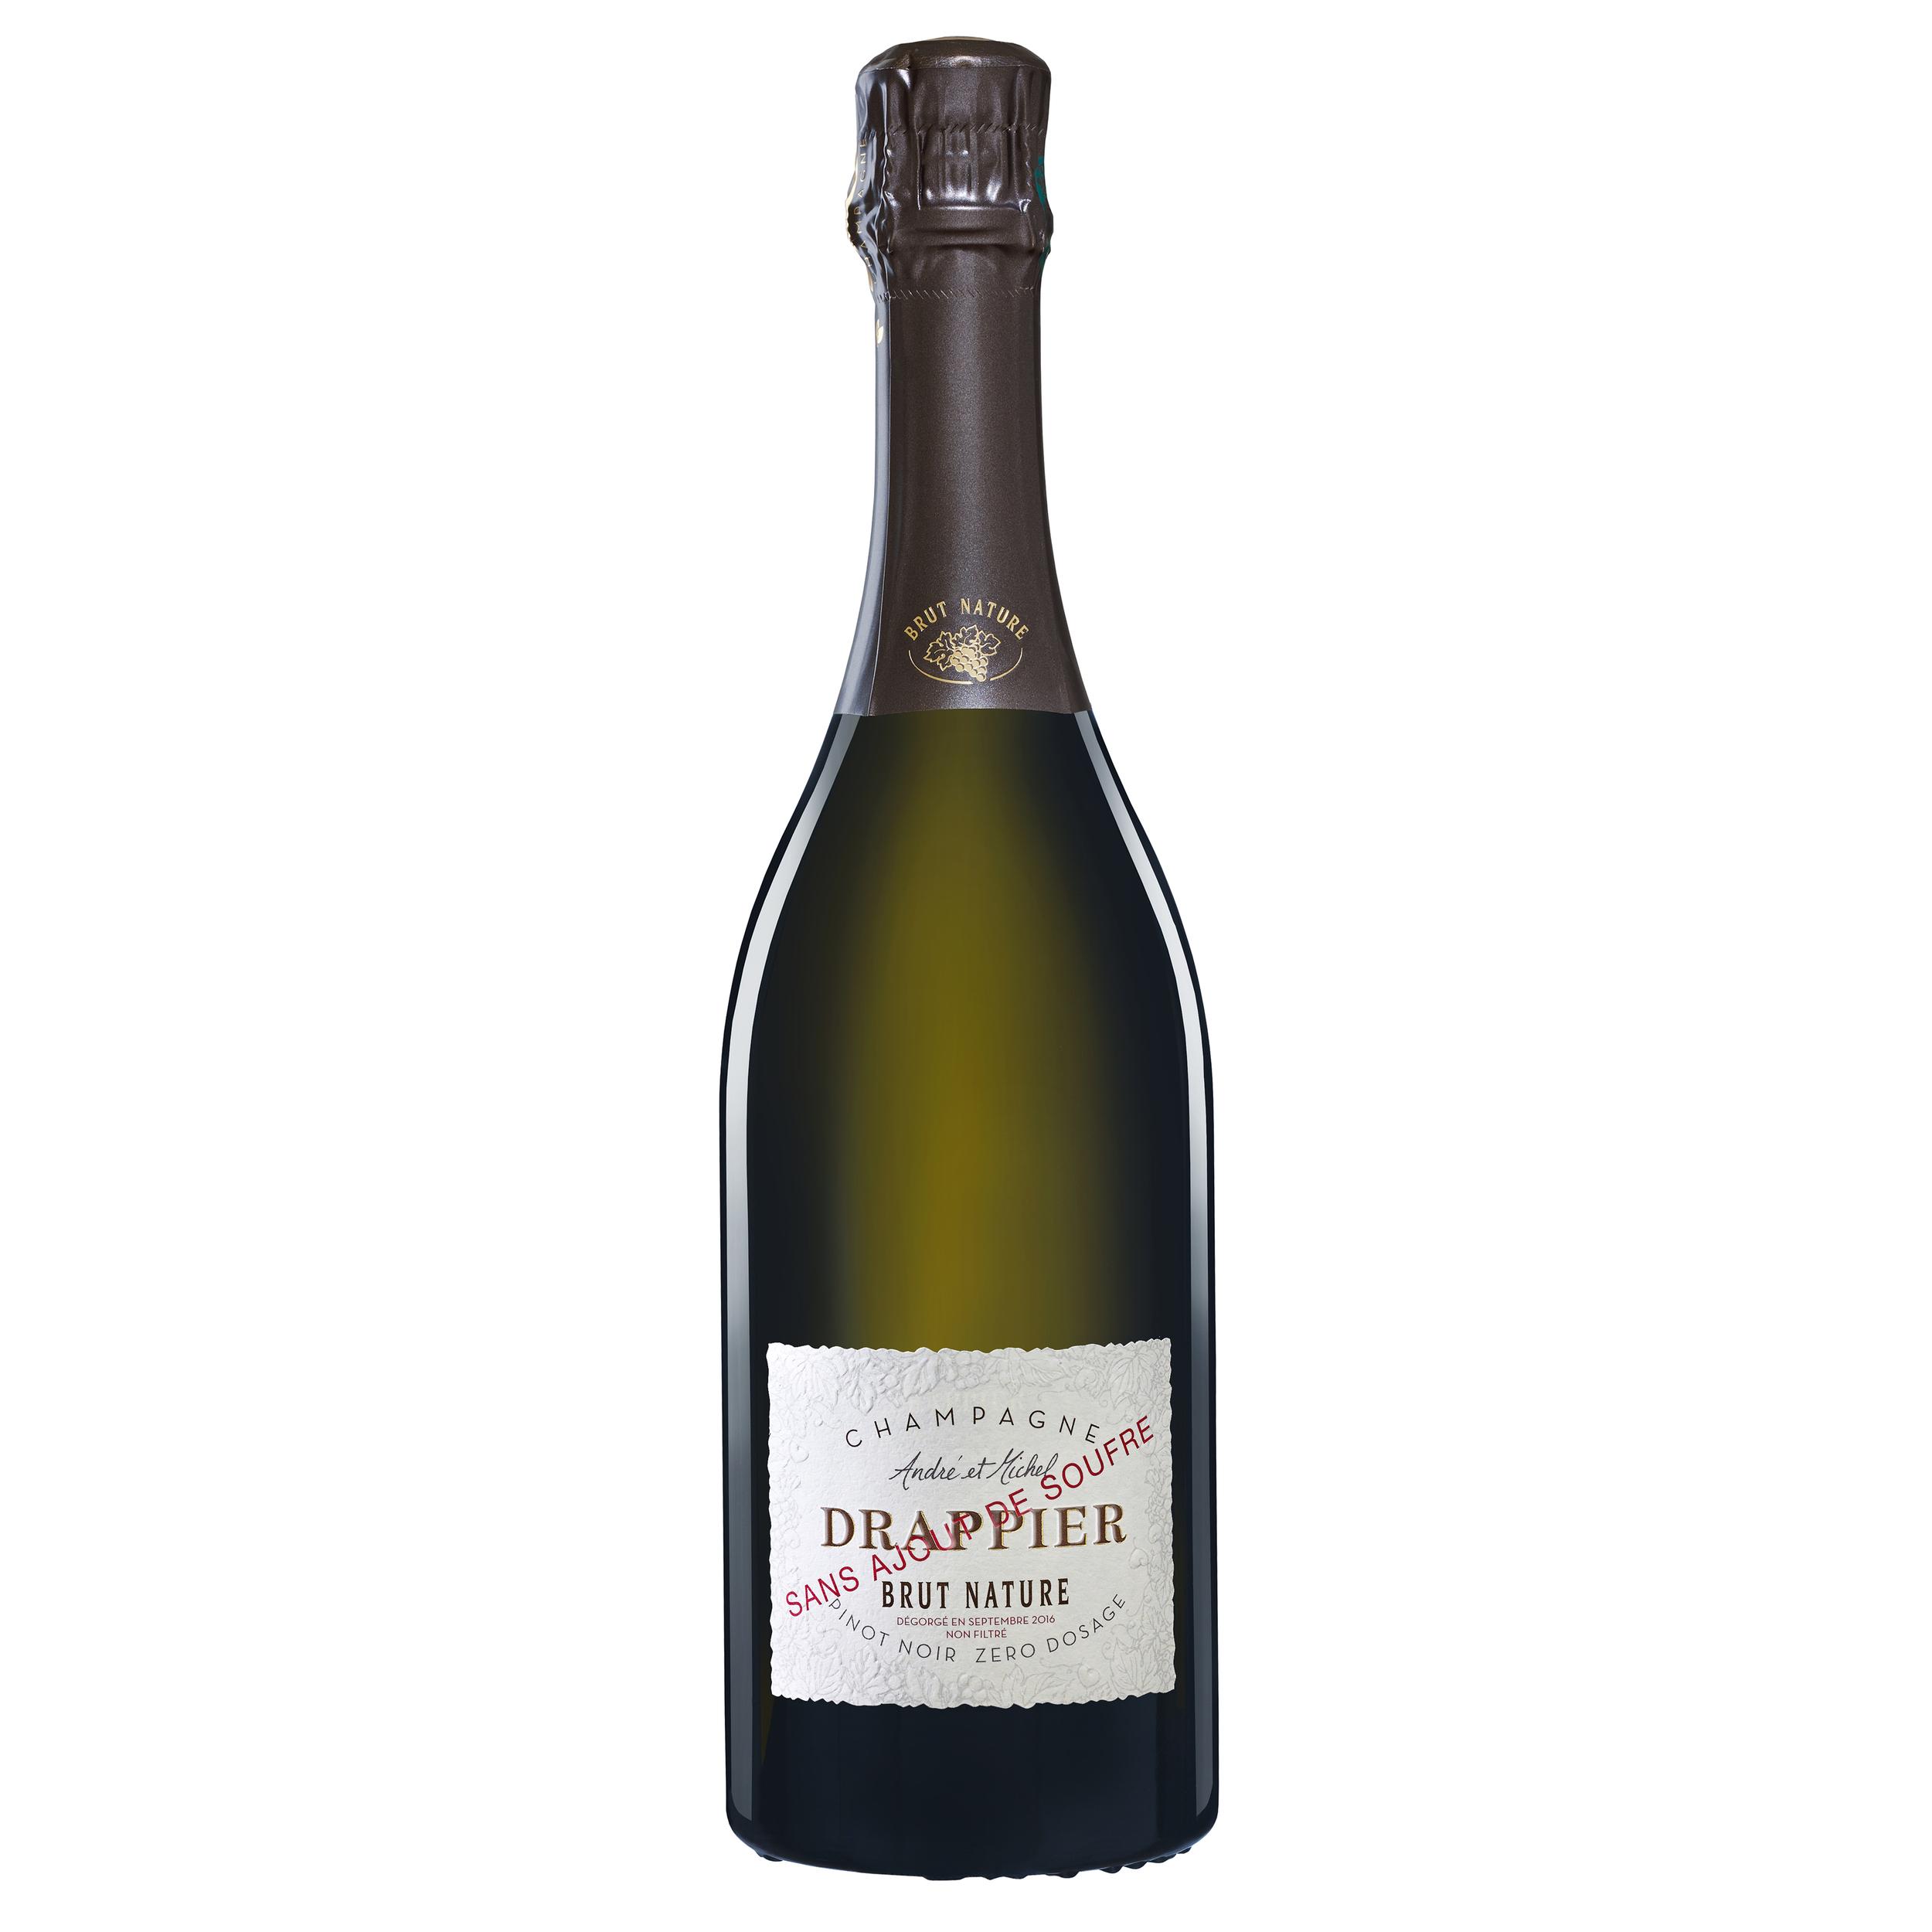 Brut Nature Sans Souffre - Champagne Drappier